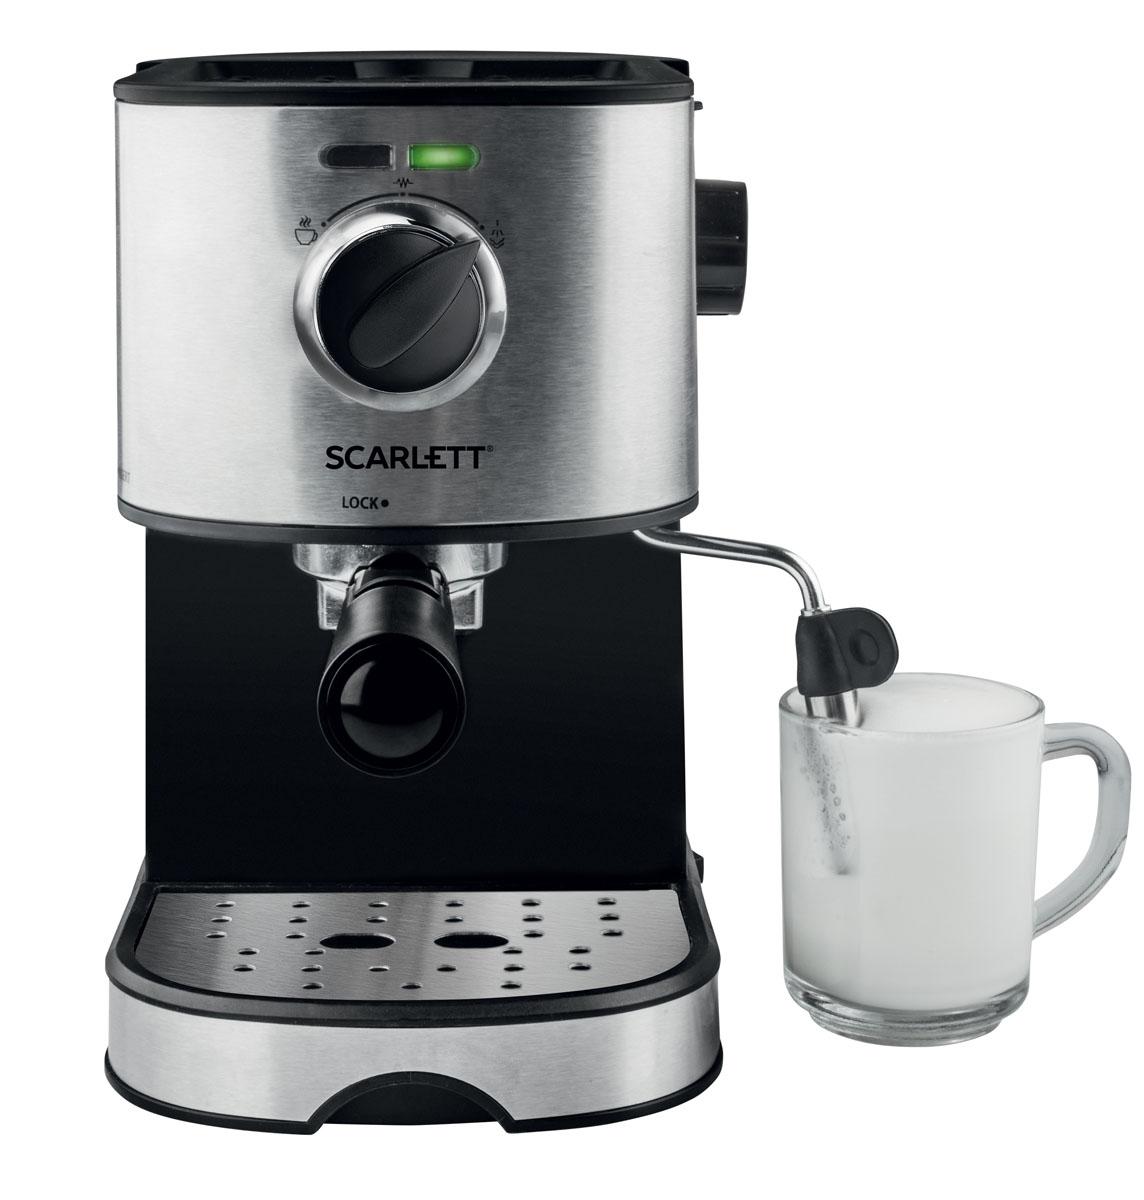 Scarlett SL-CM53001, Black кофеваркаSL-CM53001Scarlett SL-CM53001 - современная кофеварка рожкового типа, способная приготовить эспрессо, капучино или латте из молотого кофе. Она стильно выглядит, проста в использовании, не занимает много места, оснащена резиновыми ножками, повышающими её устойчивость.Максимальное давление составляет 15 бар. Этого достаточно, чтобы кофе, приготовленный при помощи кофеварки, приобрёл богатый, насыщенный вкус и аромат.К кофеварке прилагается удобная мерная ложечка, с помощью которой владелец сможет точно отмерить необходимое количество молотого кофе.Удобное управление и световая индикация работыСъемный стальной капучинатор для взбивания и нагрева молокаСтальной фильтр для молотого кофе, или кофе в чалдахДержатель фильтра с 2 рожками, для одновременного приготовления 2 чашек кофеСъемный лоток для капельИтальянская помпа создает необходимое давление для насыщенного эспрессо с плотной пенкой